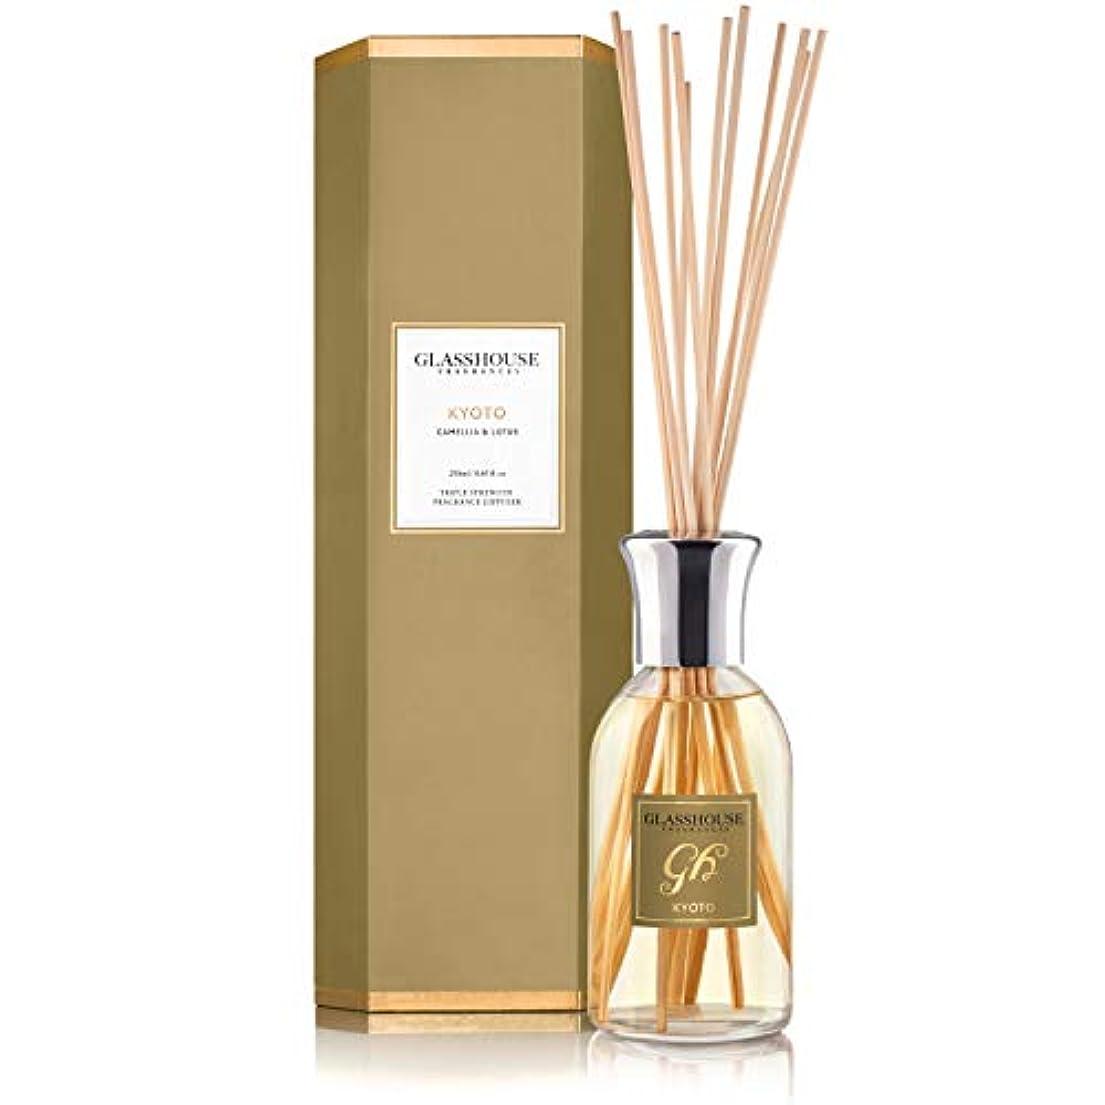 連続した演劇過去グラスハウス Triple Strength Fragrance Diffuser - Kyoto (Camellia & Lotus) 250ml/8.45oz並行輸入品